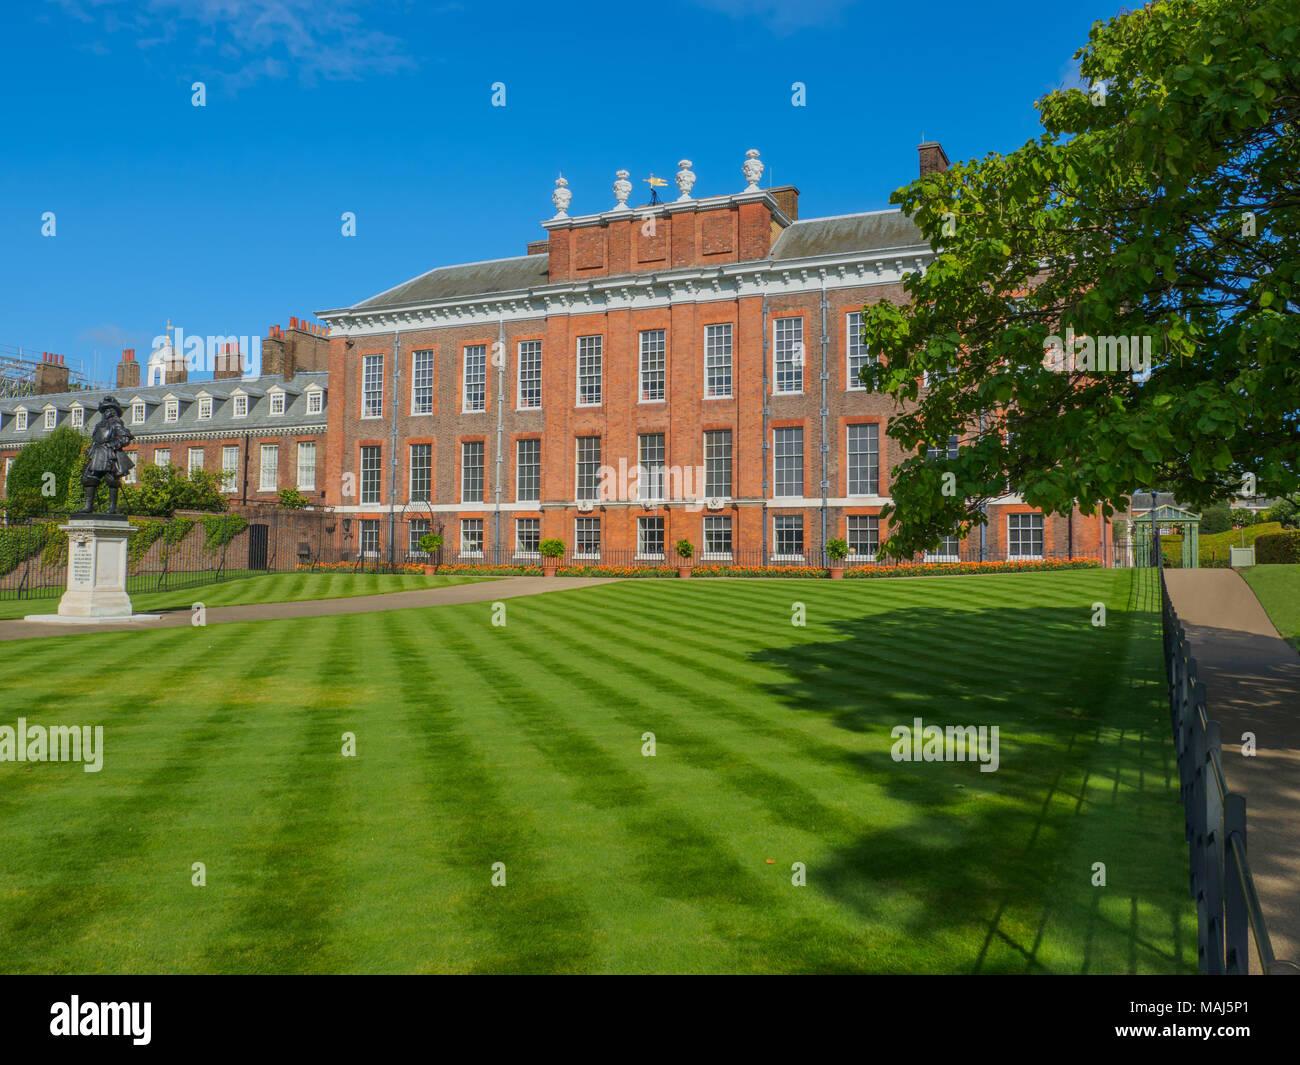 Vue sur Kensington Palace, résidence royale situé dans les jardins de Kensington avec une statue du roi Guillaume III à Londres lors d'une journée ensoleillée. Photo Stock